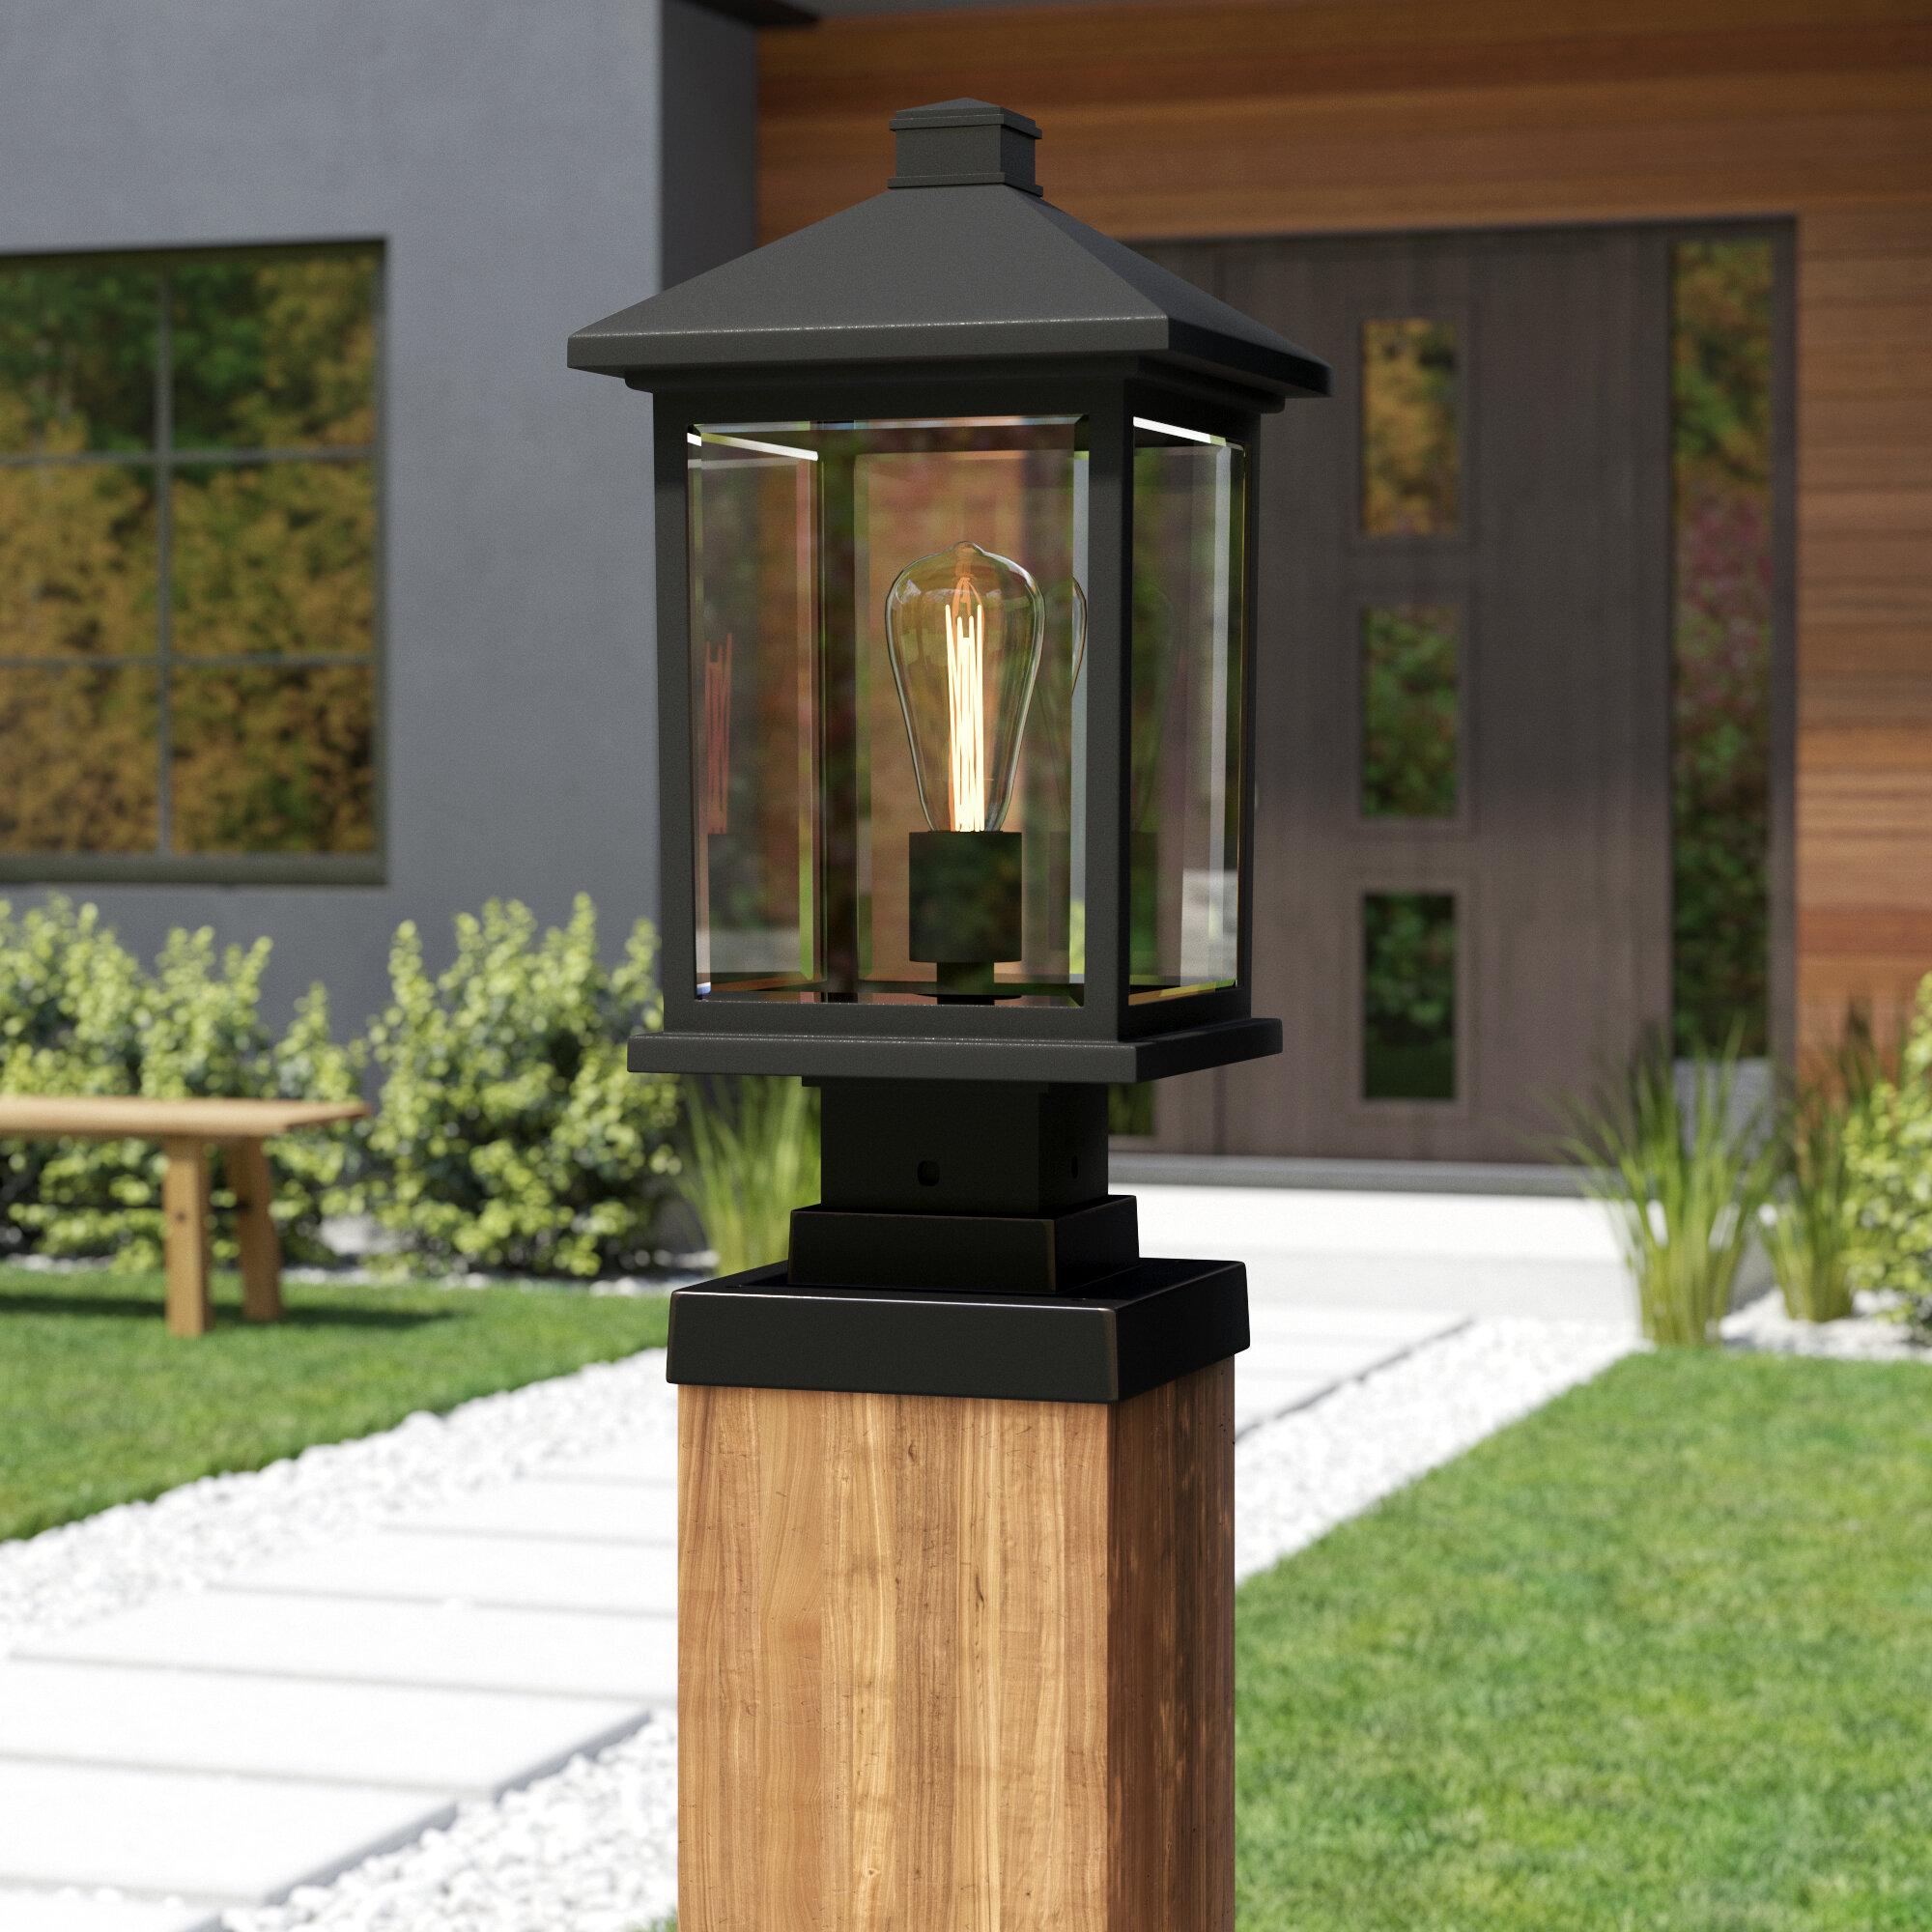 Sol 72 Outdoor Lovette Outdoor 1 Light Glass Shade Pier Mount Light Reviews Wayfair